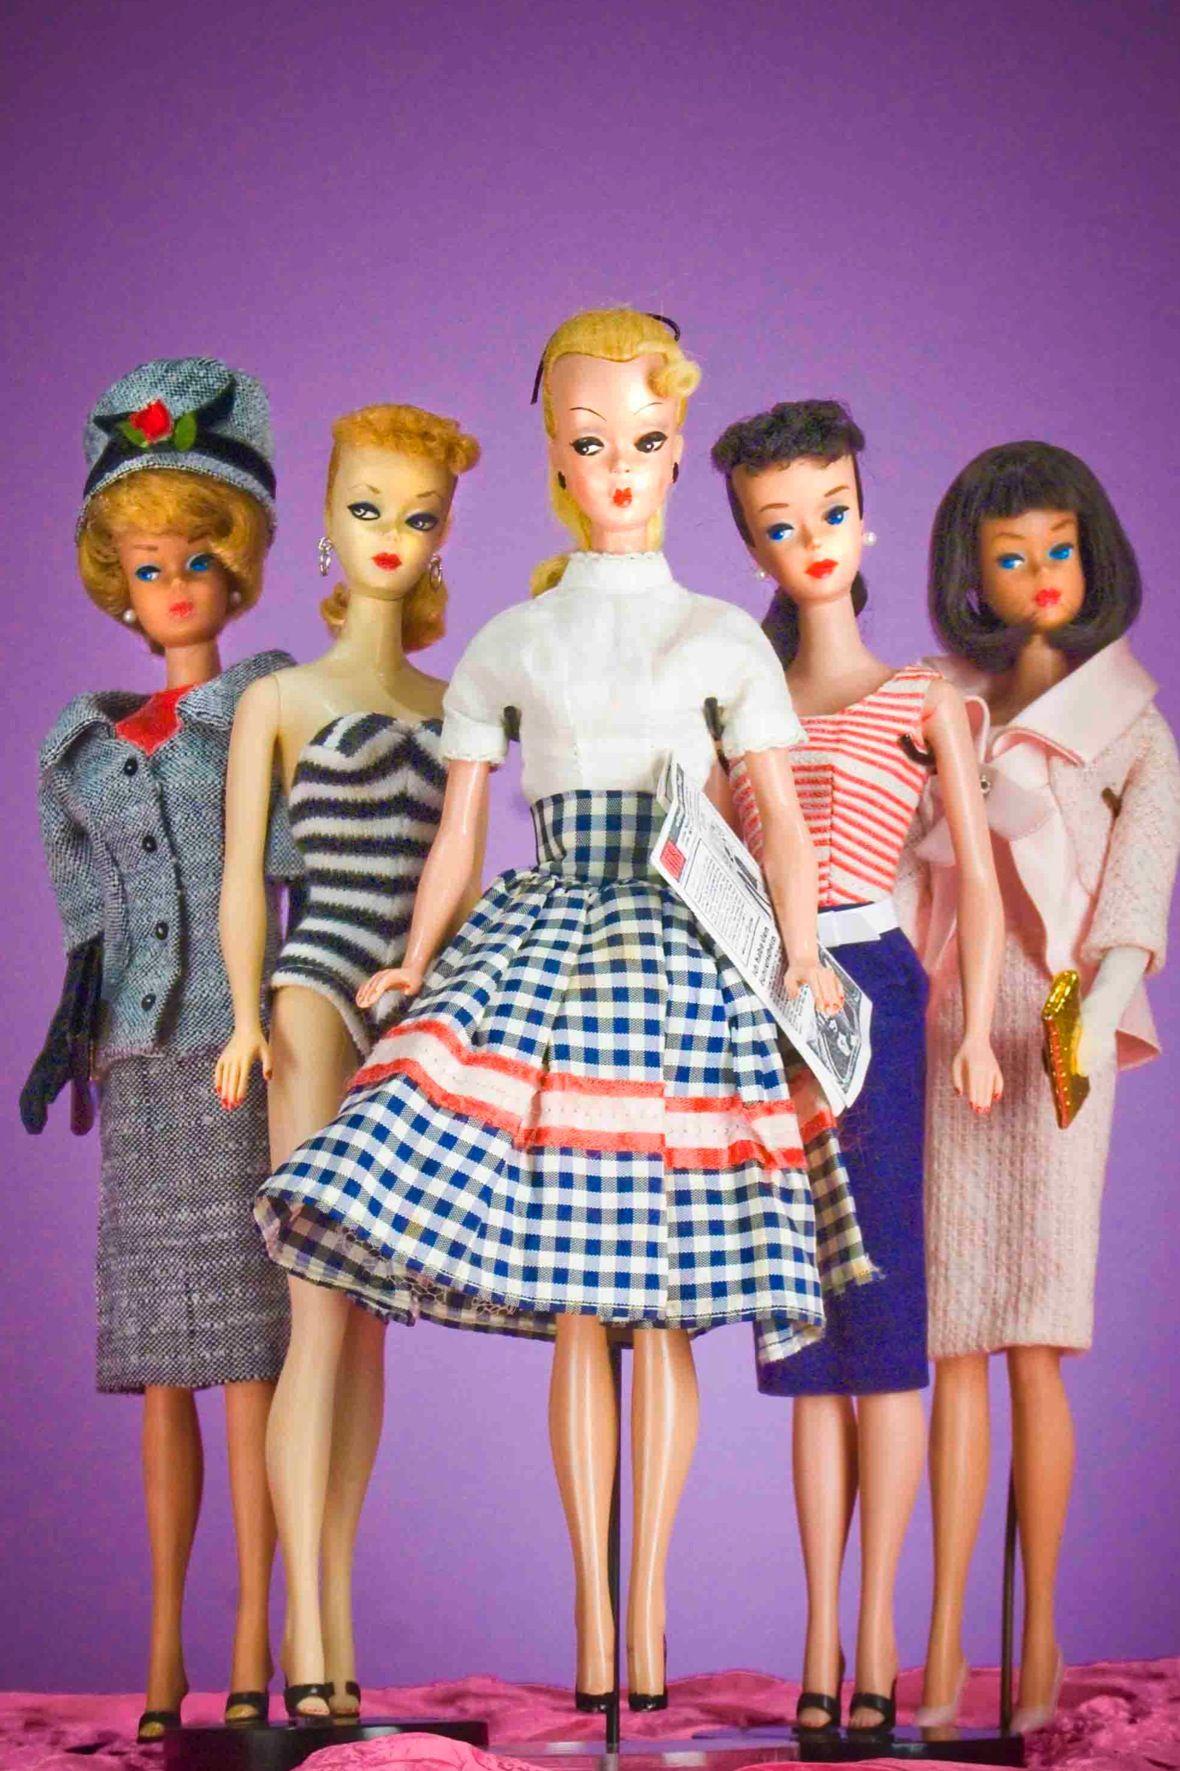 Vintage Barbie Viejos Juguetes Y Juegos Tradicionales Barbie